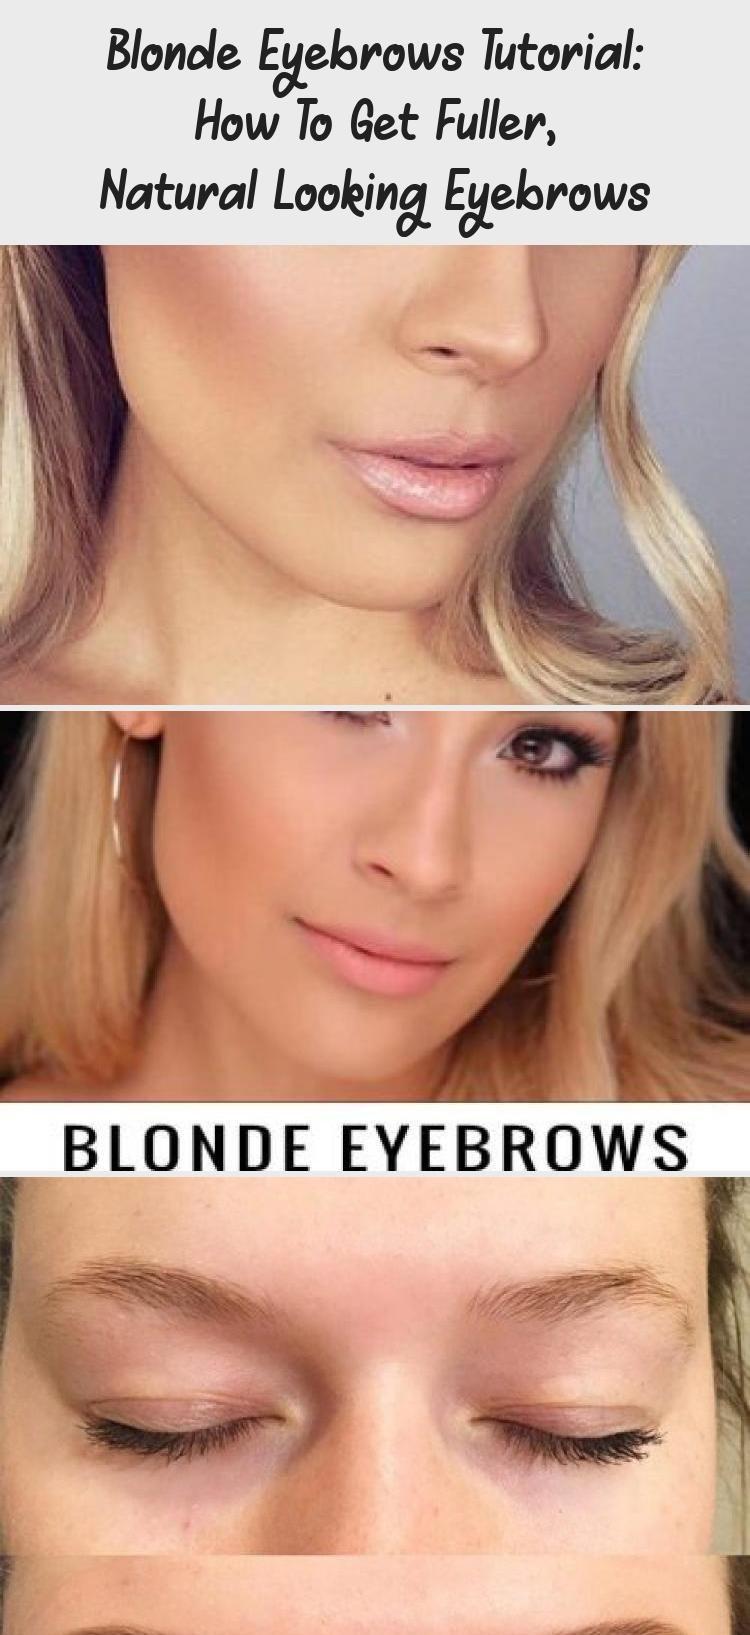 Blonde Eyebrows Tutorial How To Get Fuller Natural Looking Eyebrows Eyebrow Tutorial Eyebrows Blonde Eyebrows